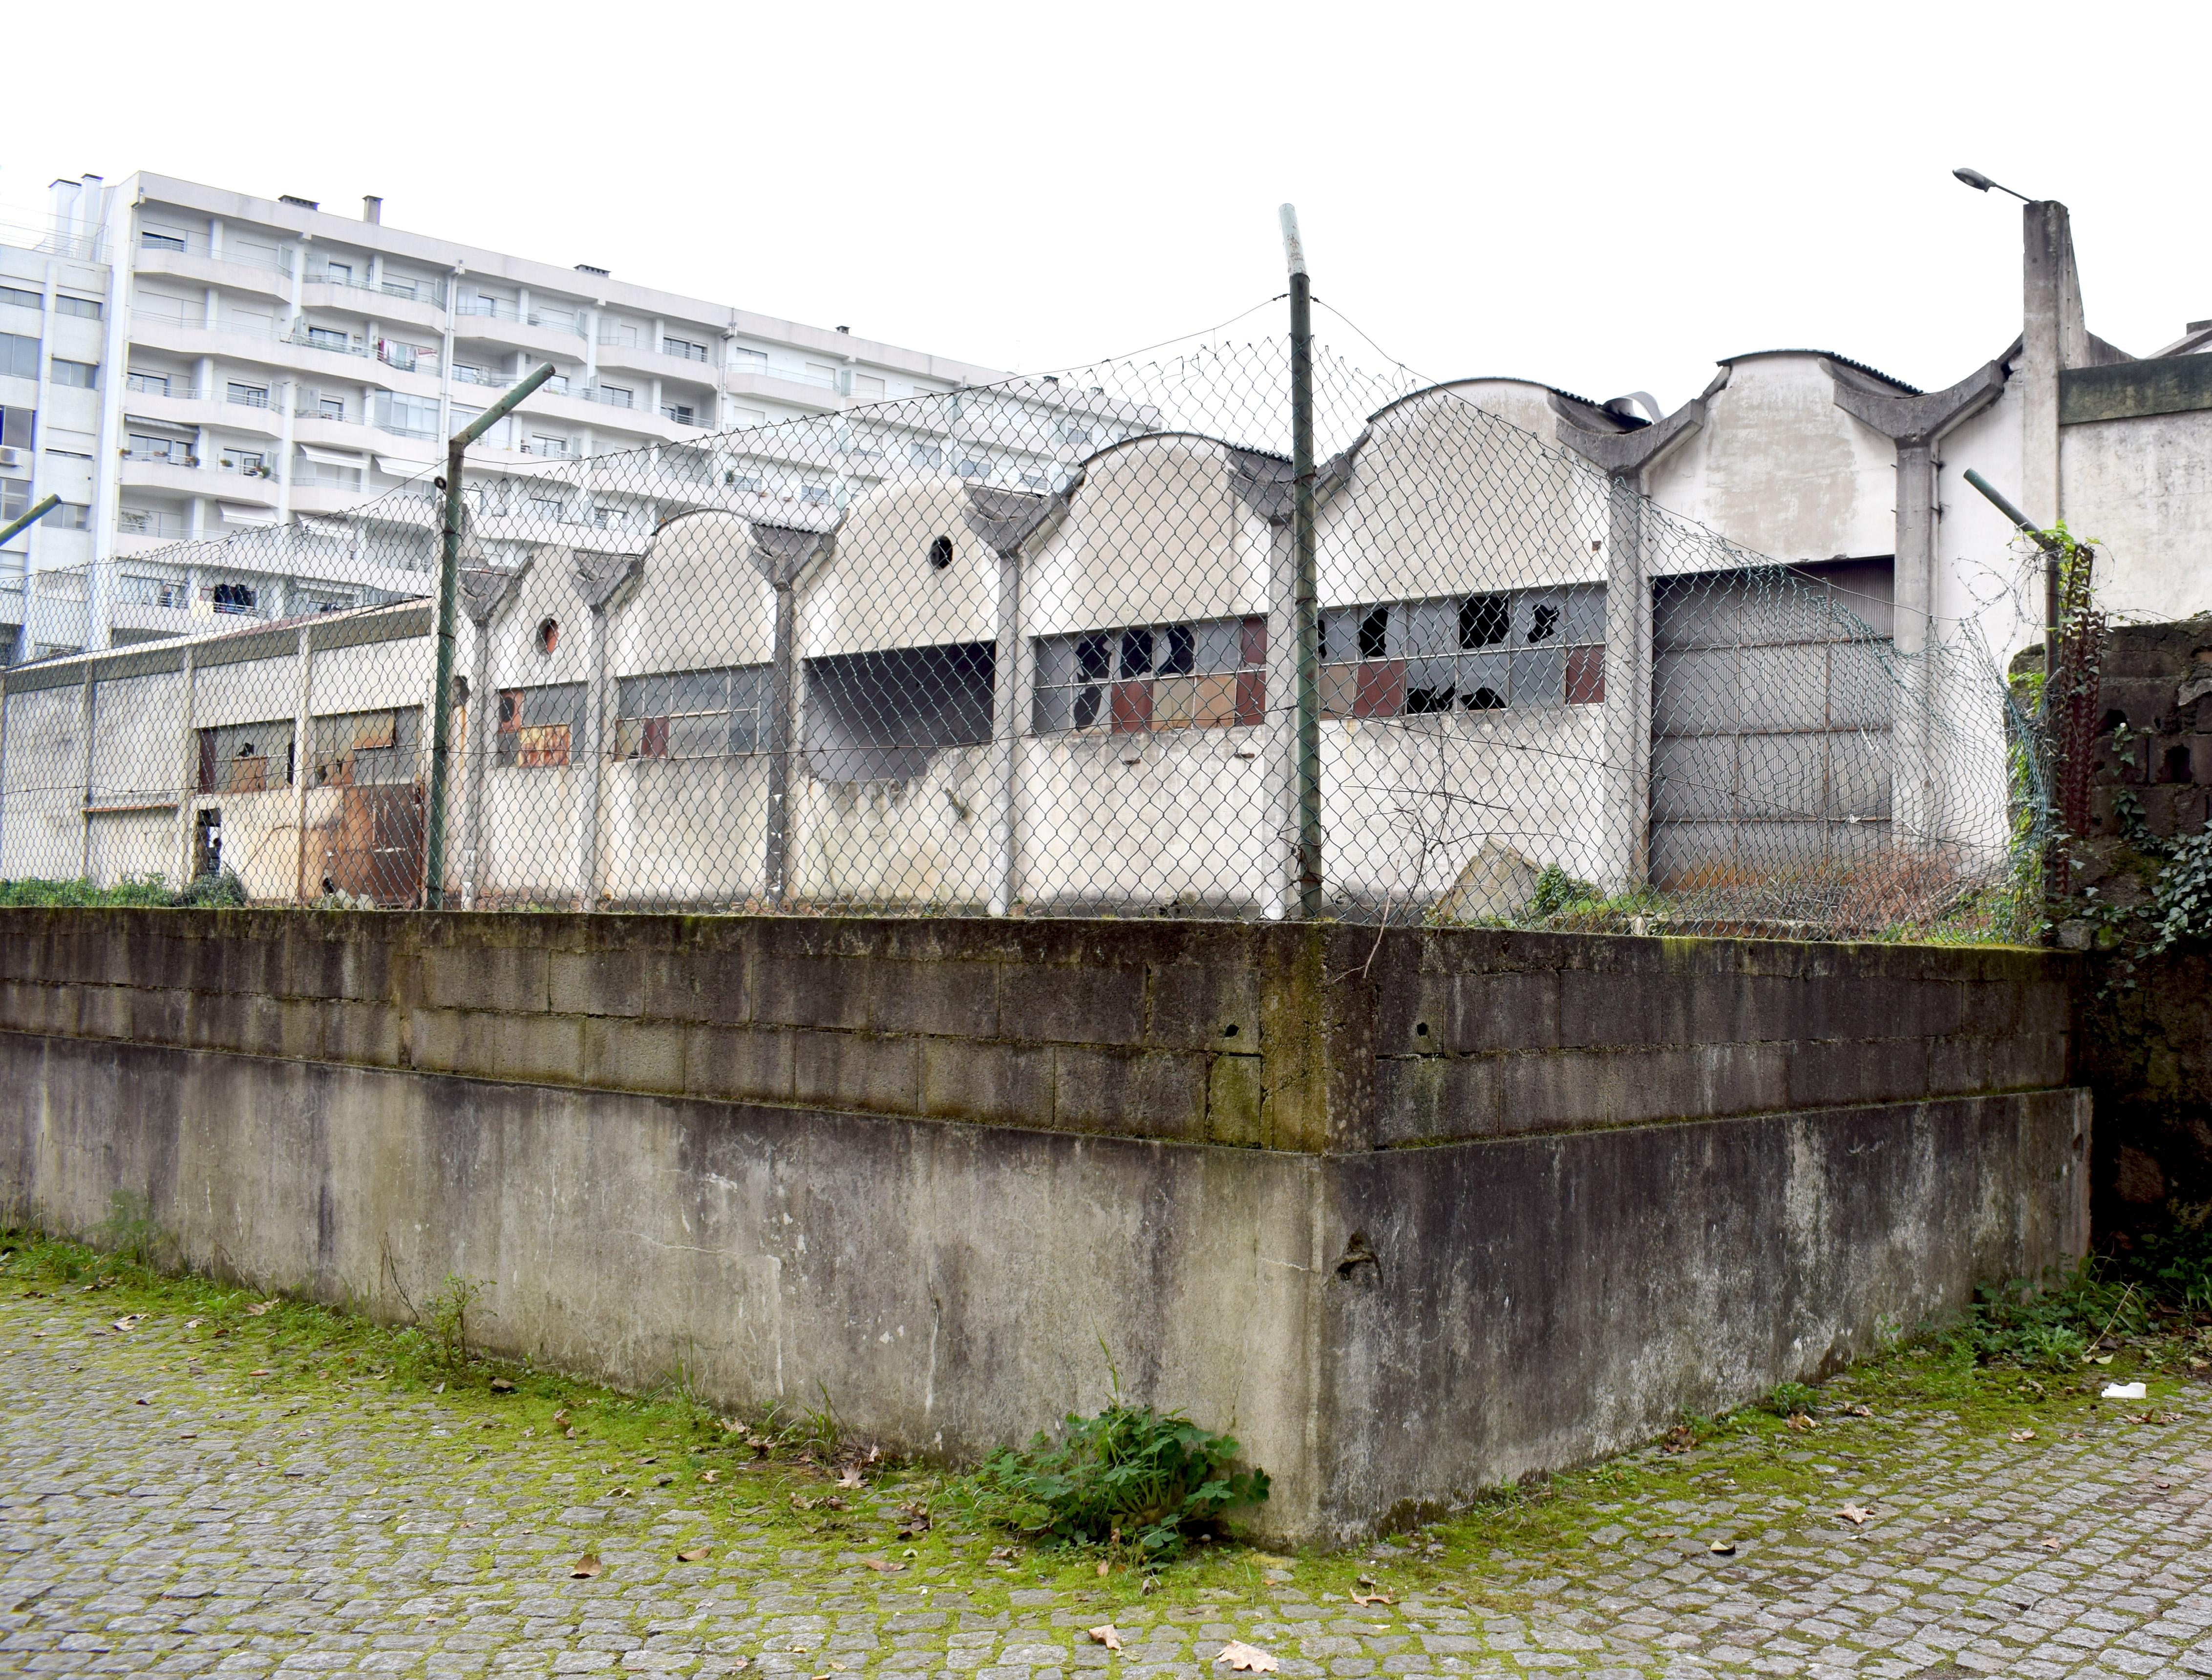 <h4>Sarotos Lateral1</h4><p>Figura 04: Destruição evidente no prédio da Sarotos, em Braga.</p>